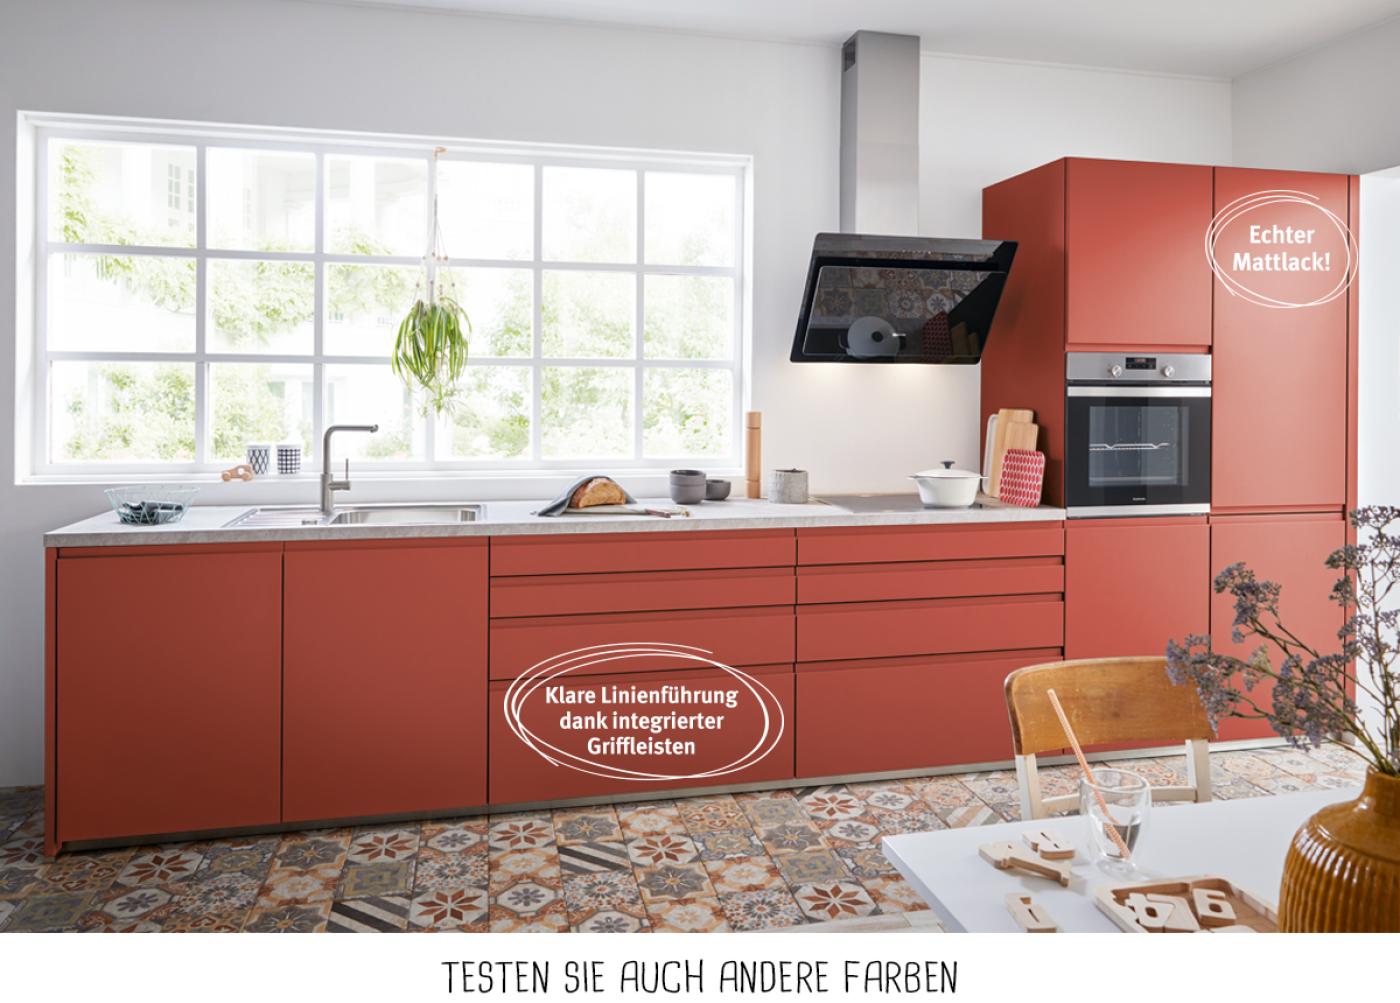 Design-Küchenzeile mit Fronten in Terracottarot und reduzierten Eingriffleisten.